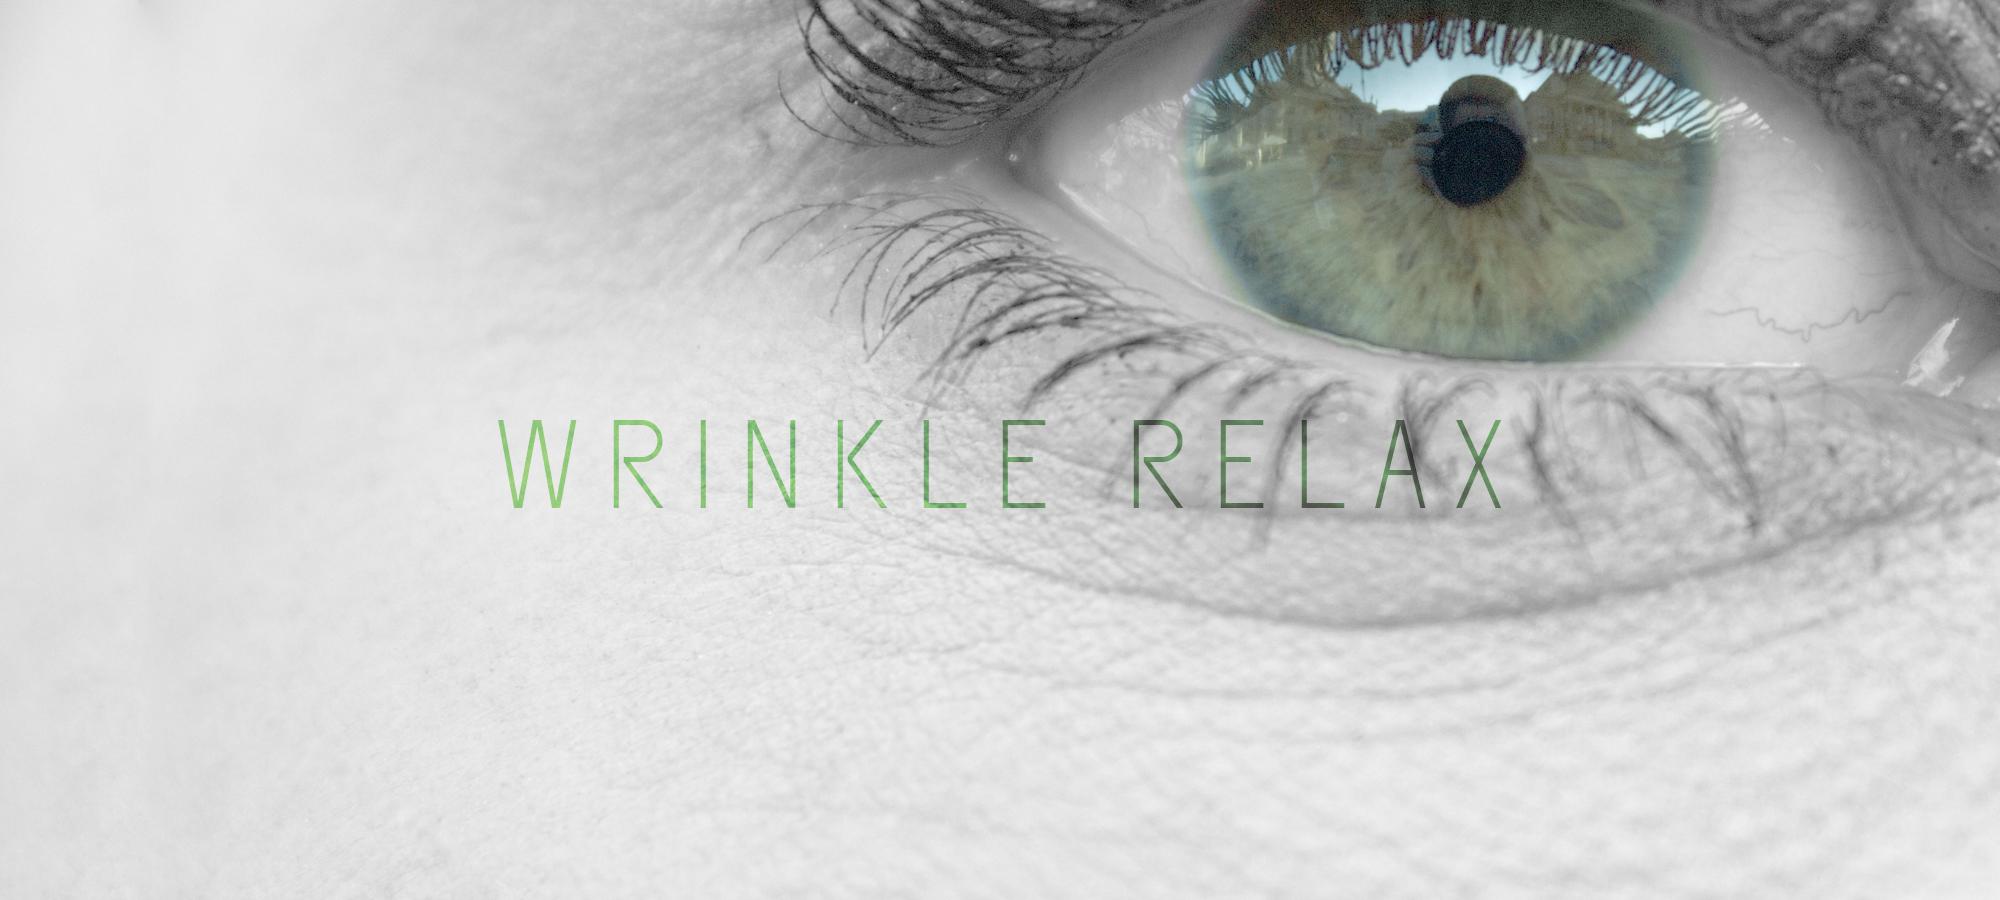 Wrinkle.relax.1.jpg